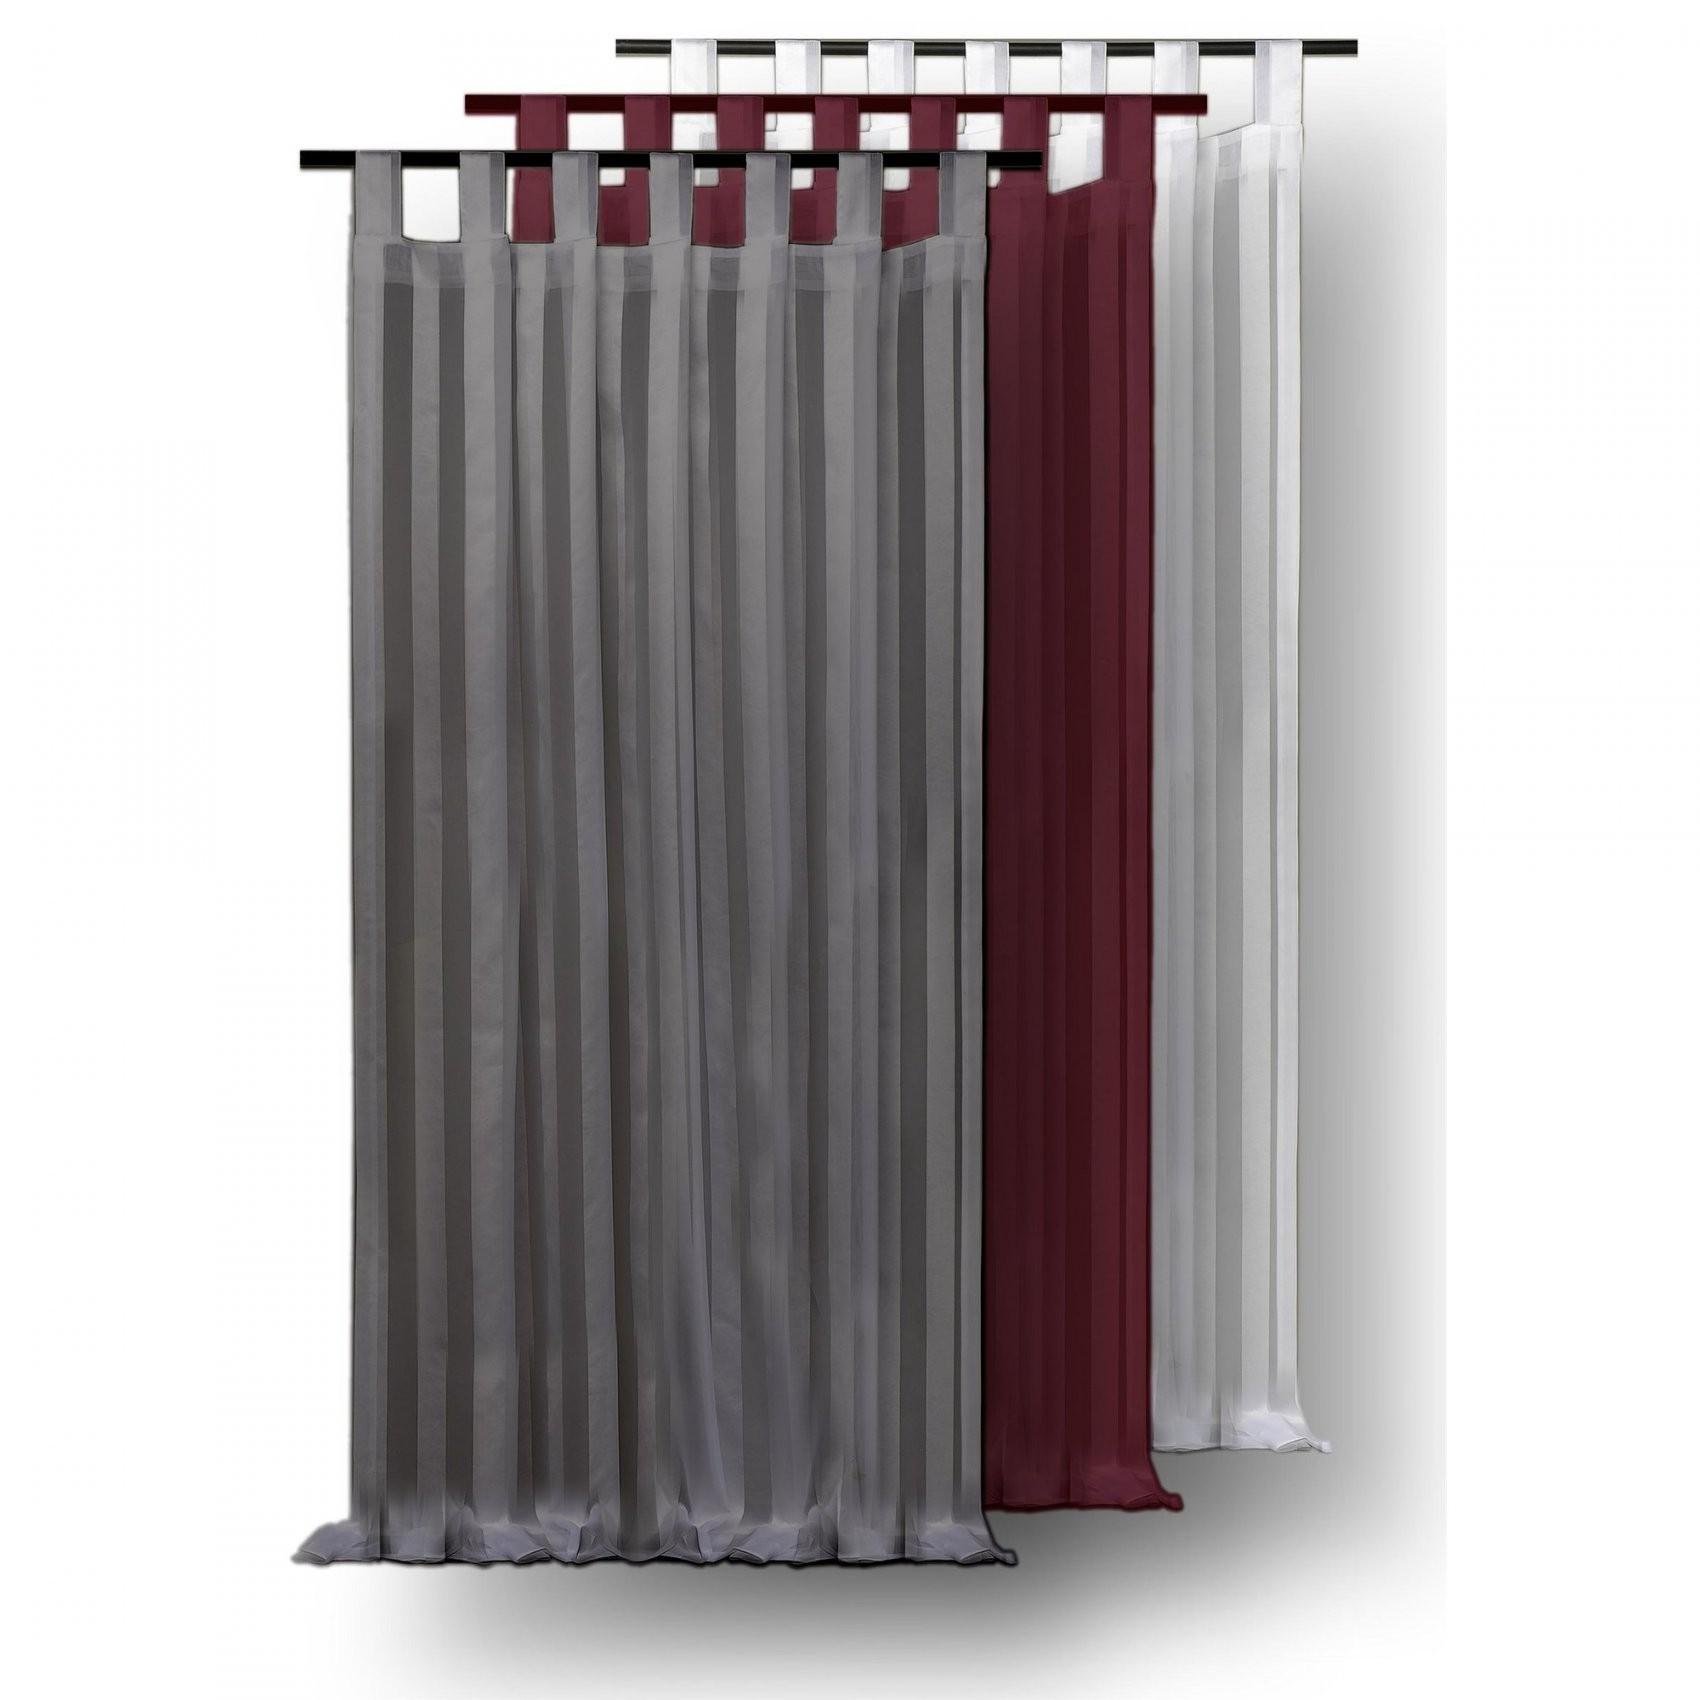 Voile Gardine Streifen Dekoschal 140X175 Cm Halbtransparent von Halbtransparente Gardinen Vorhänge Bild